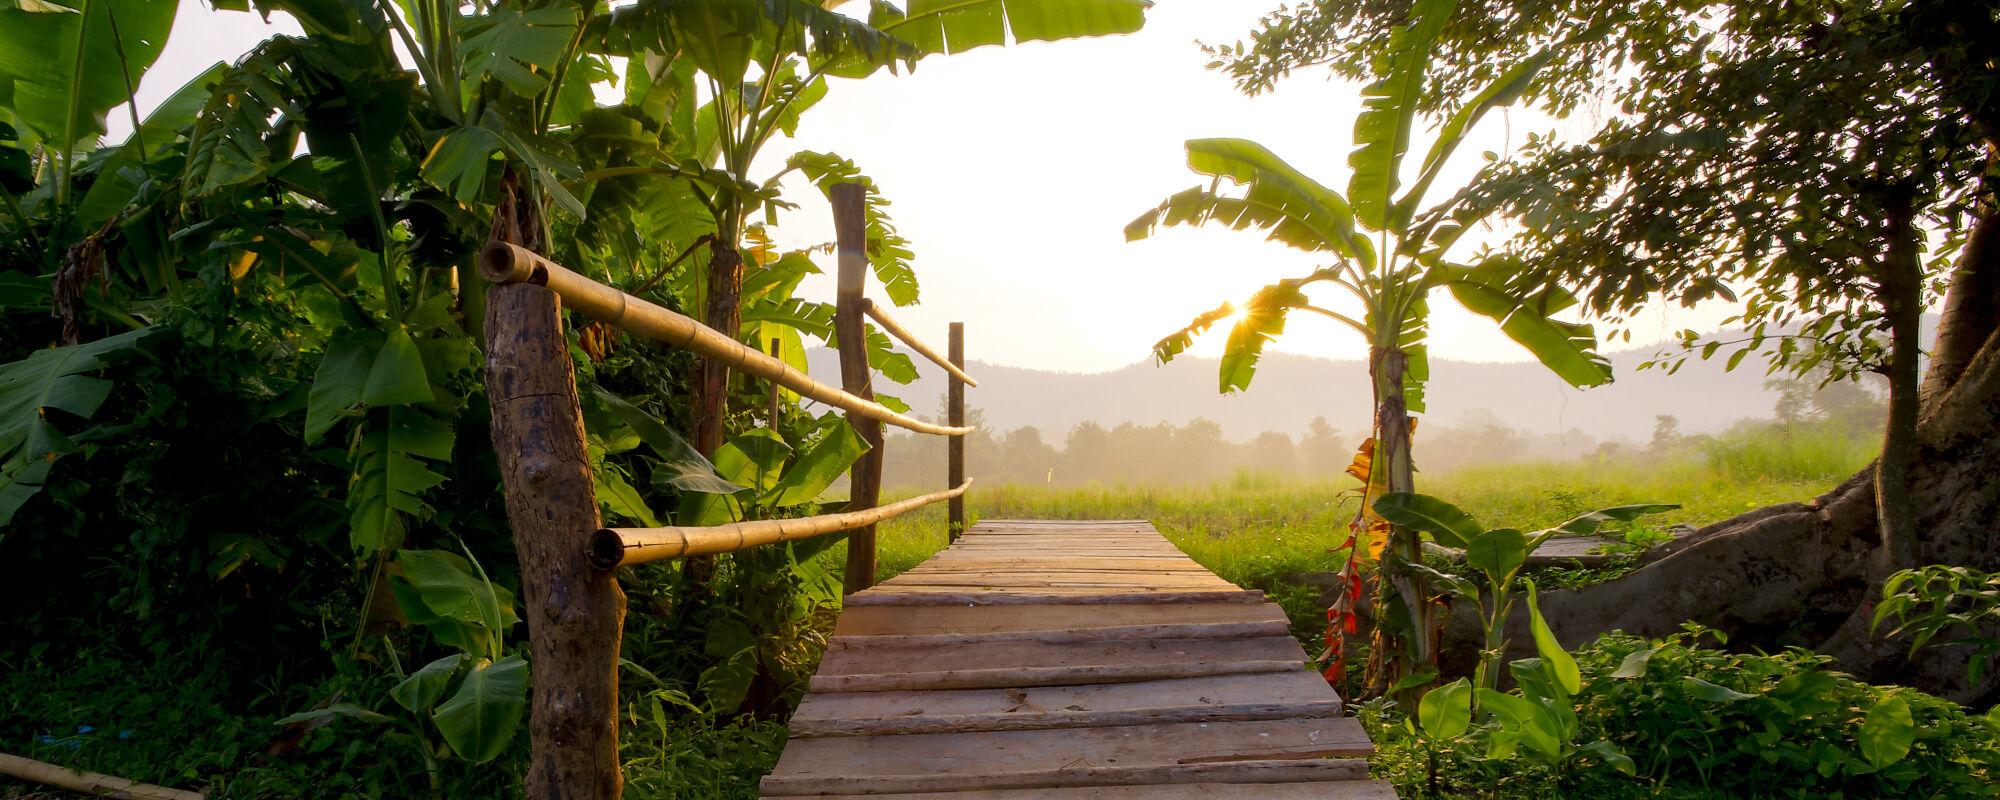 <br>Thailand